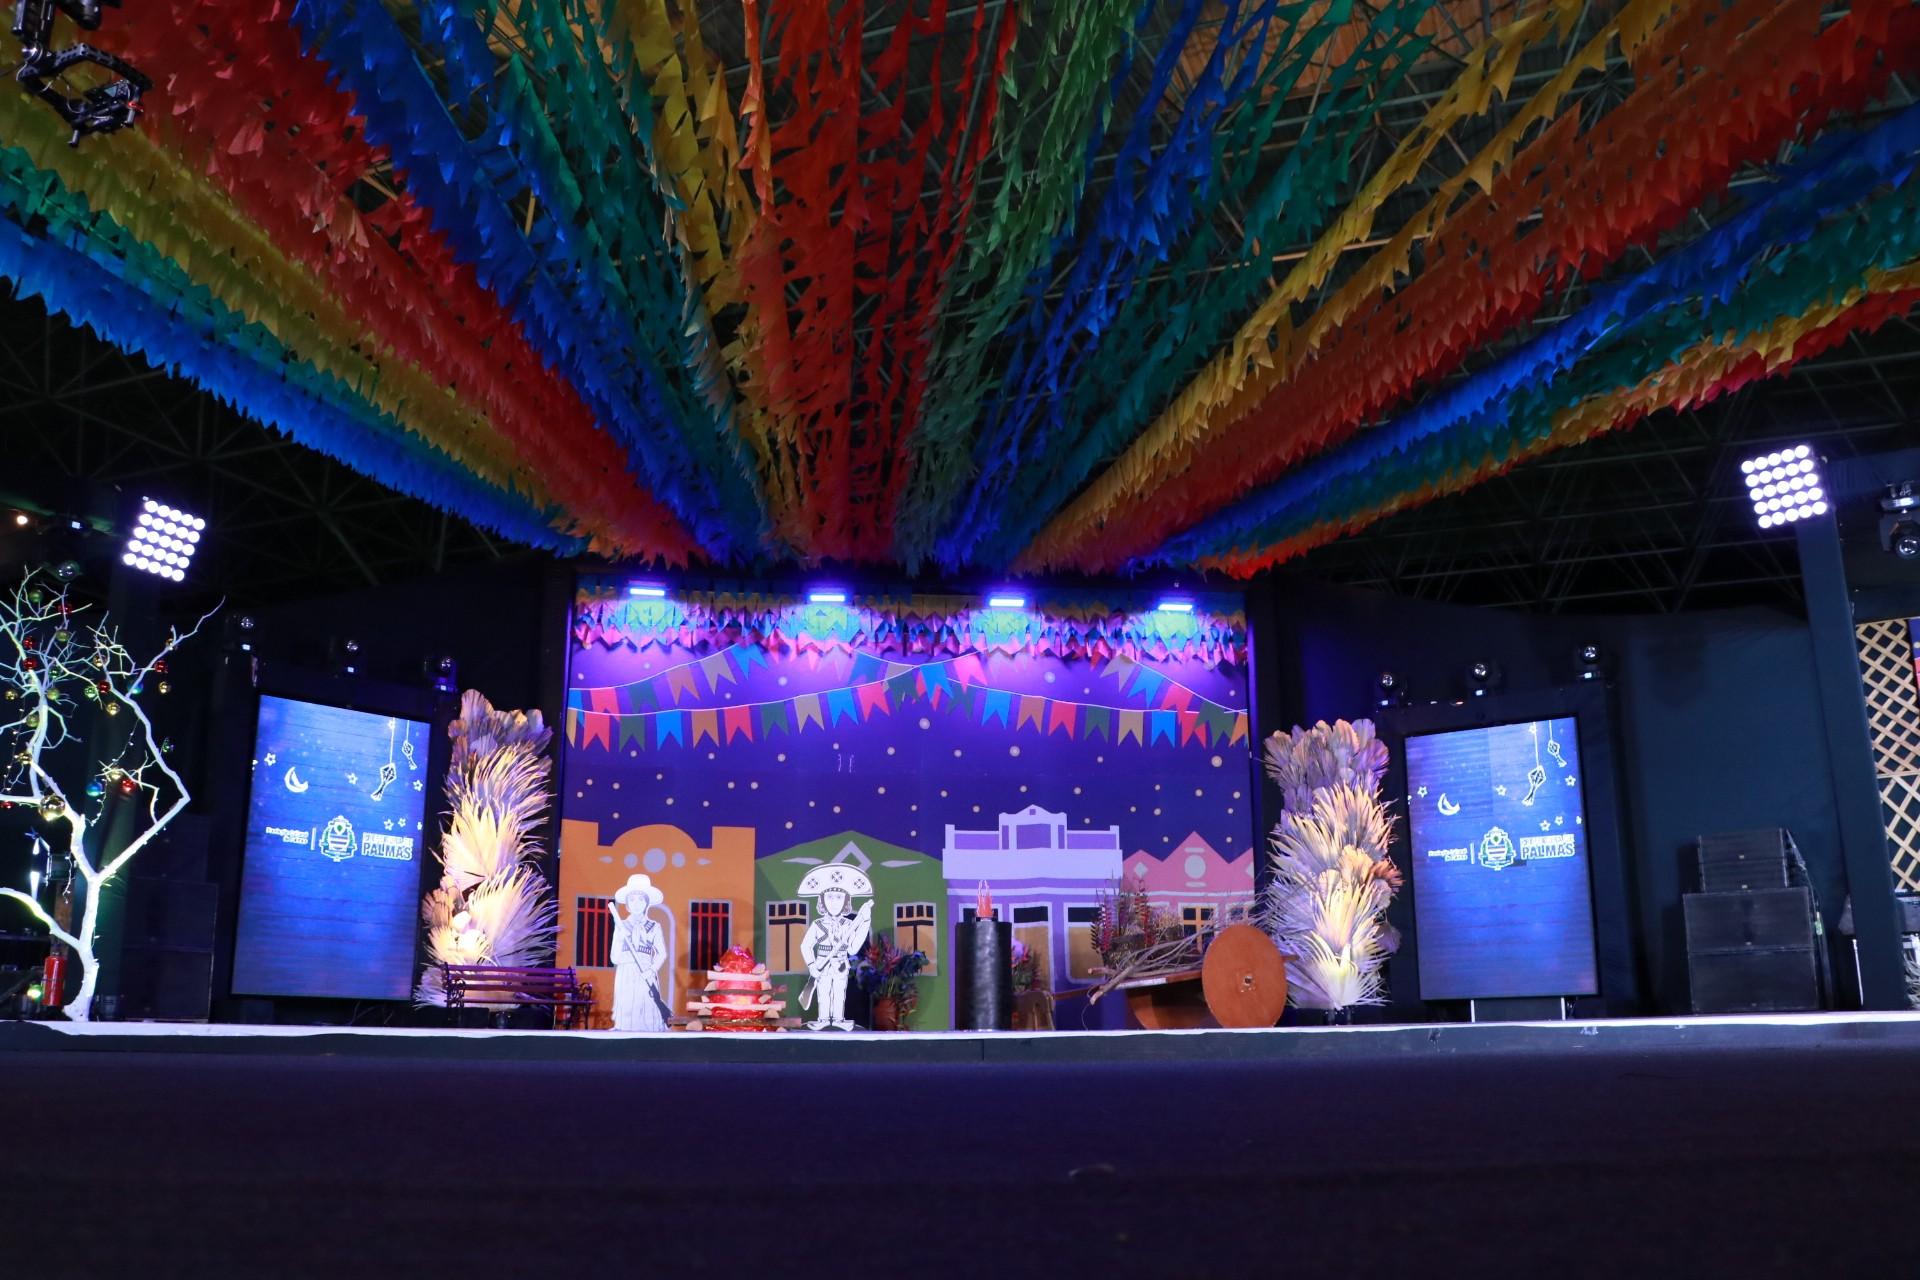 Casais de noivos se apresentam na quarta noite do Arraiá da Capital; G1 transmite a festa